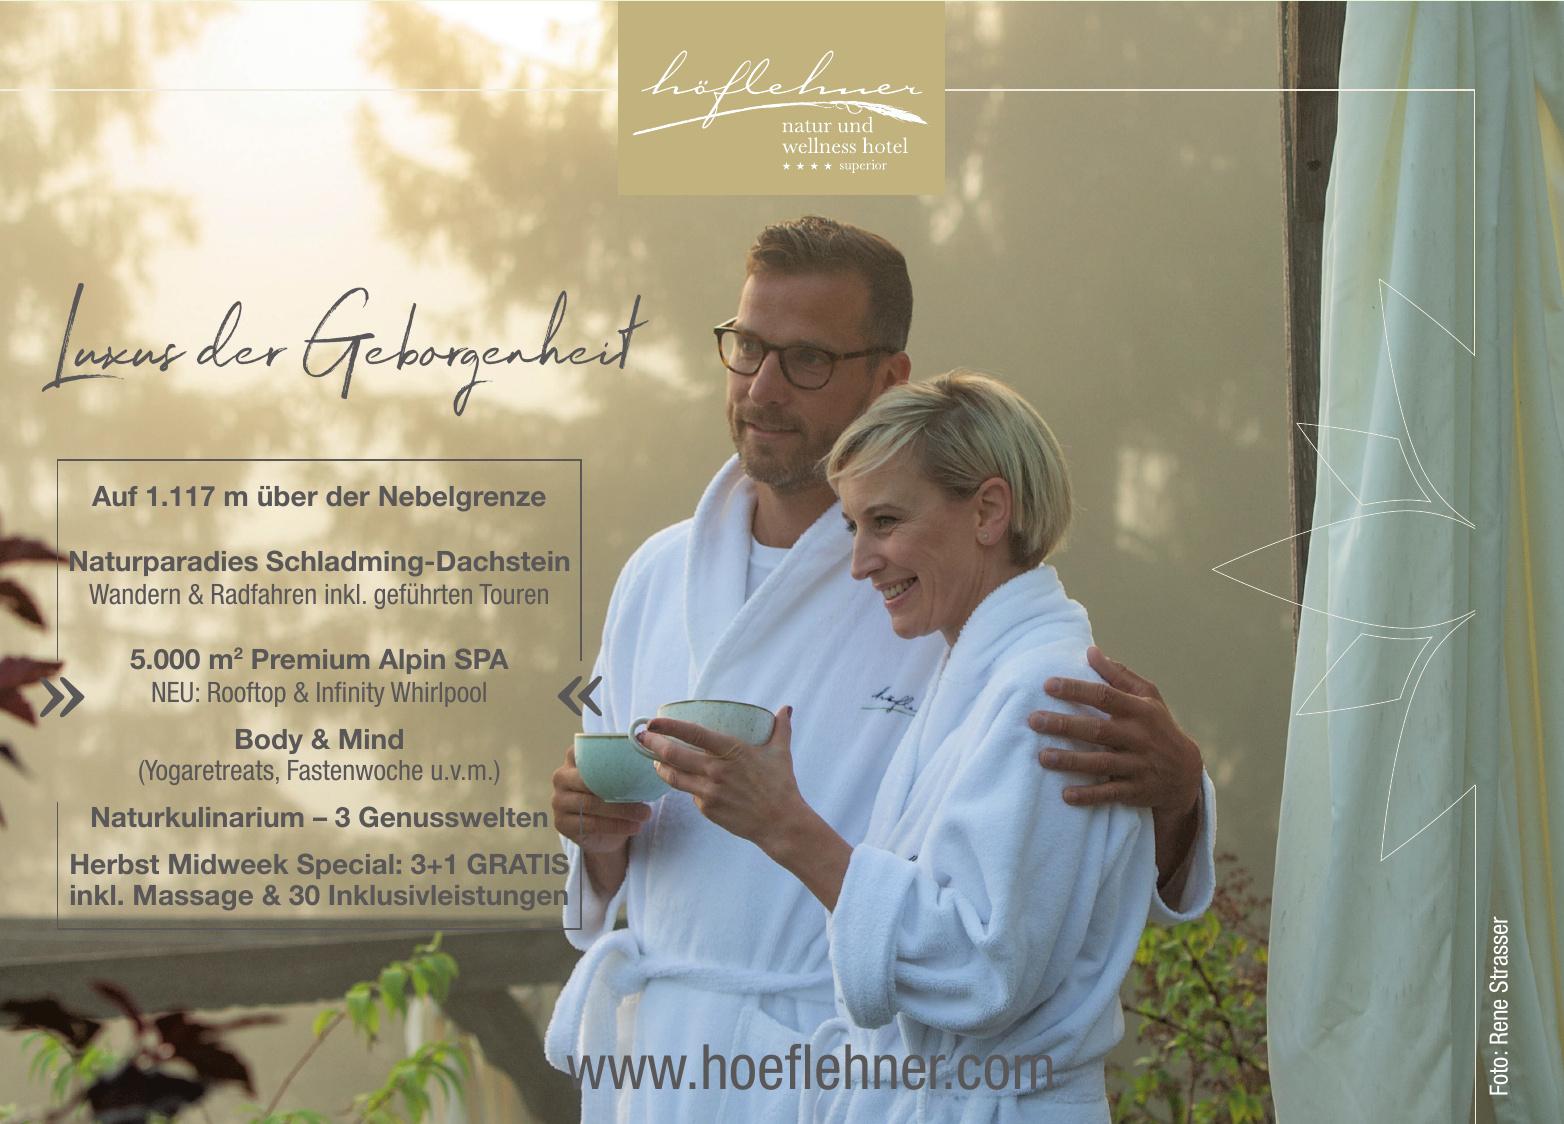 Natur- und Wellnesshotel Höflehner GmbH